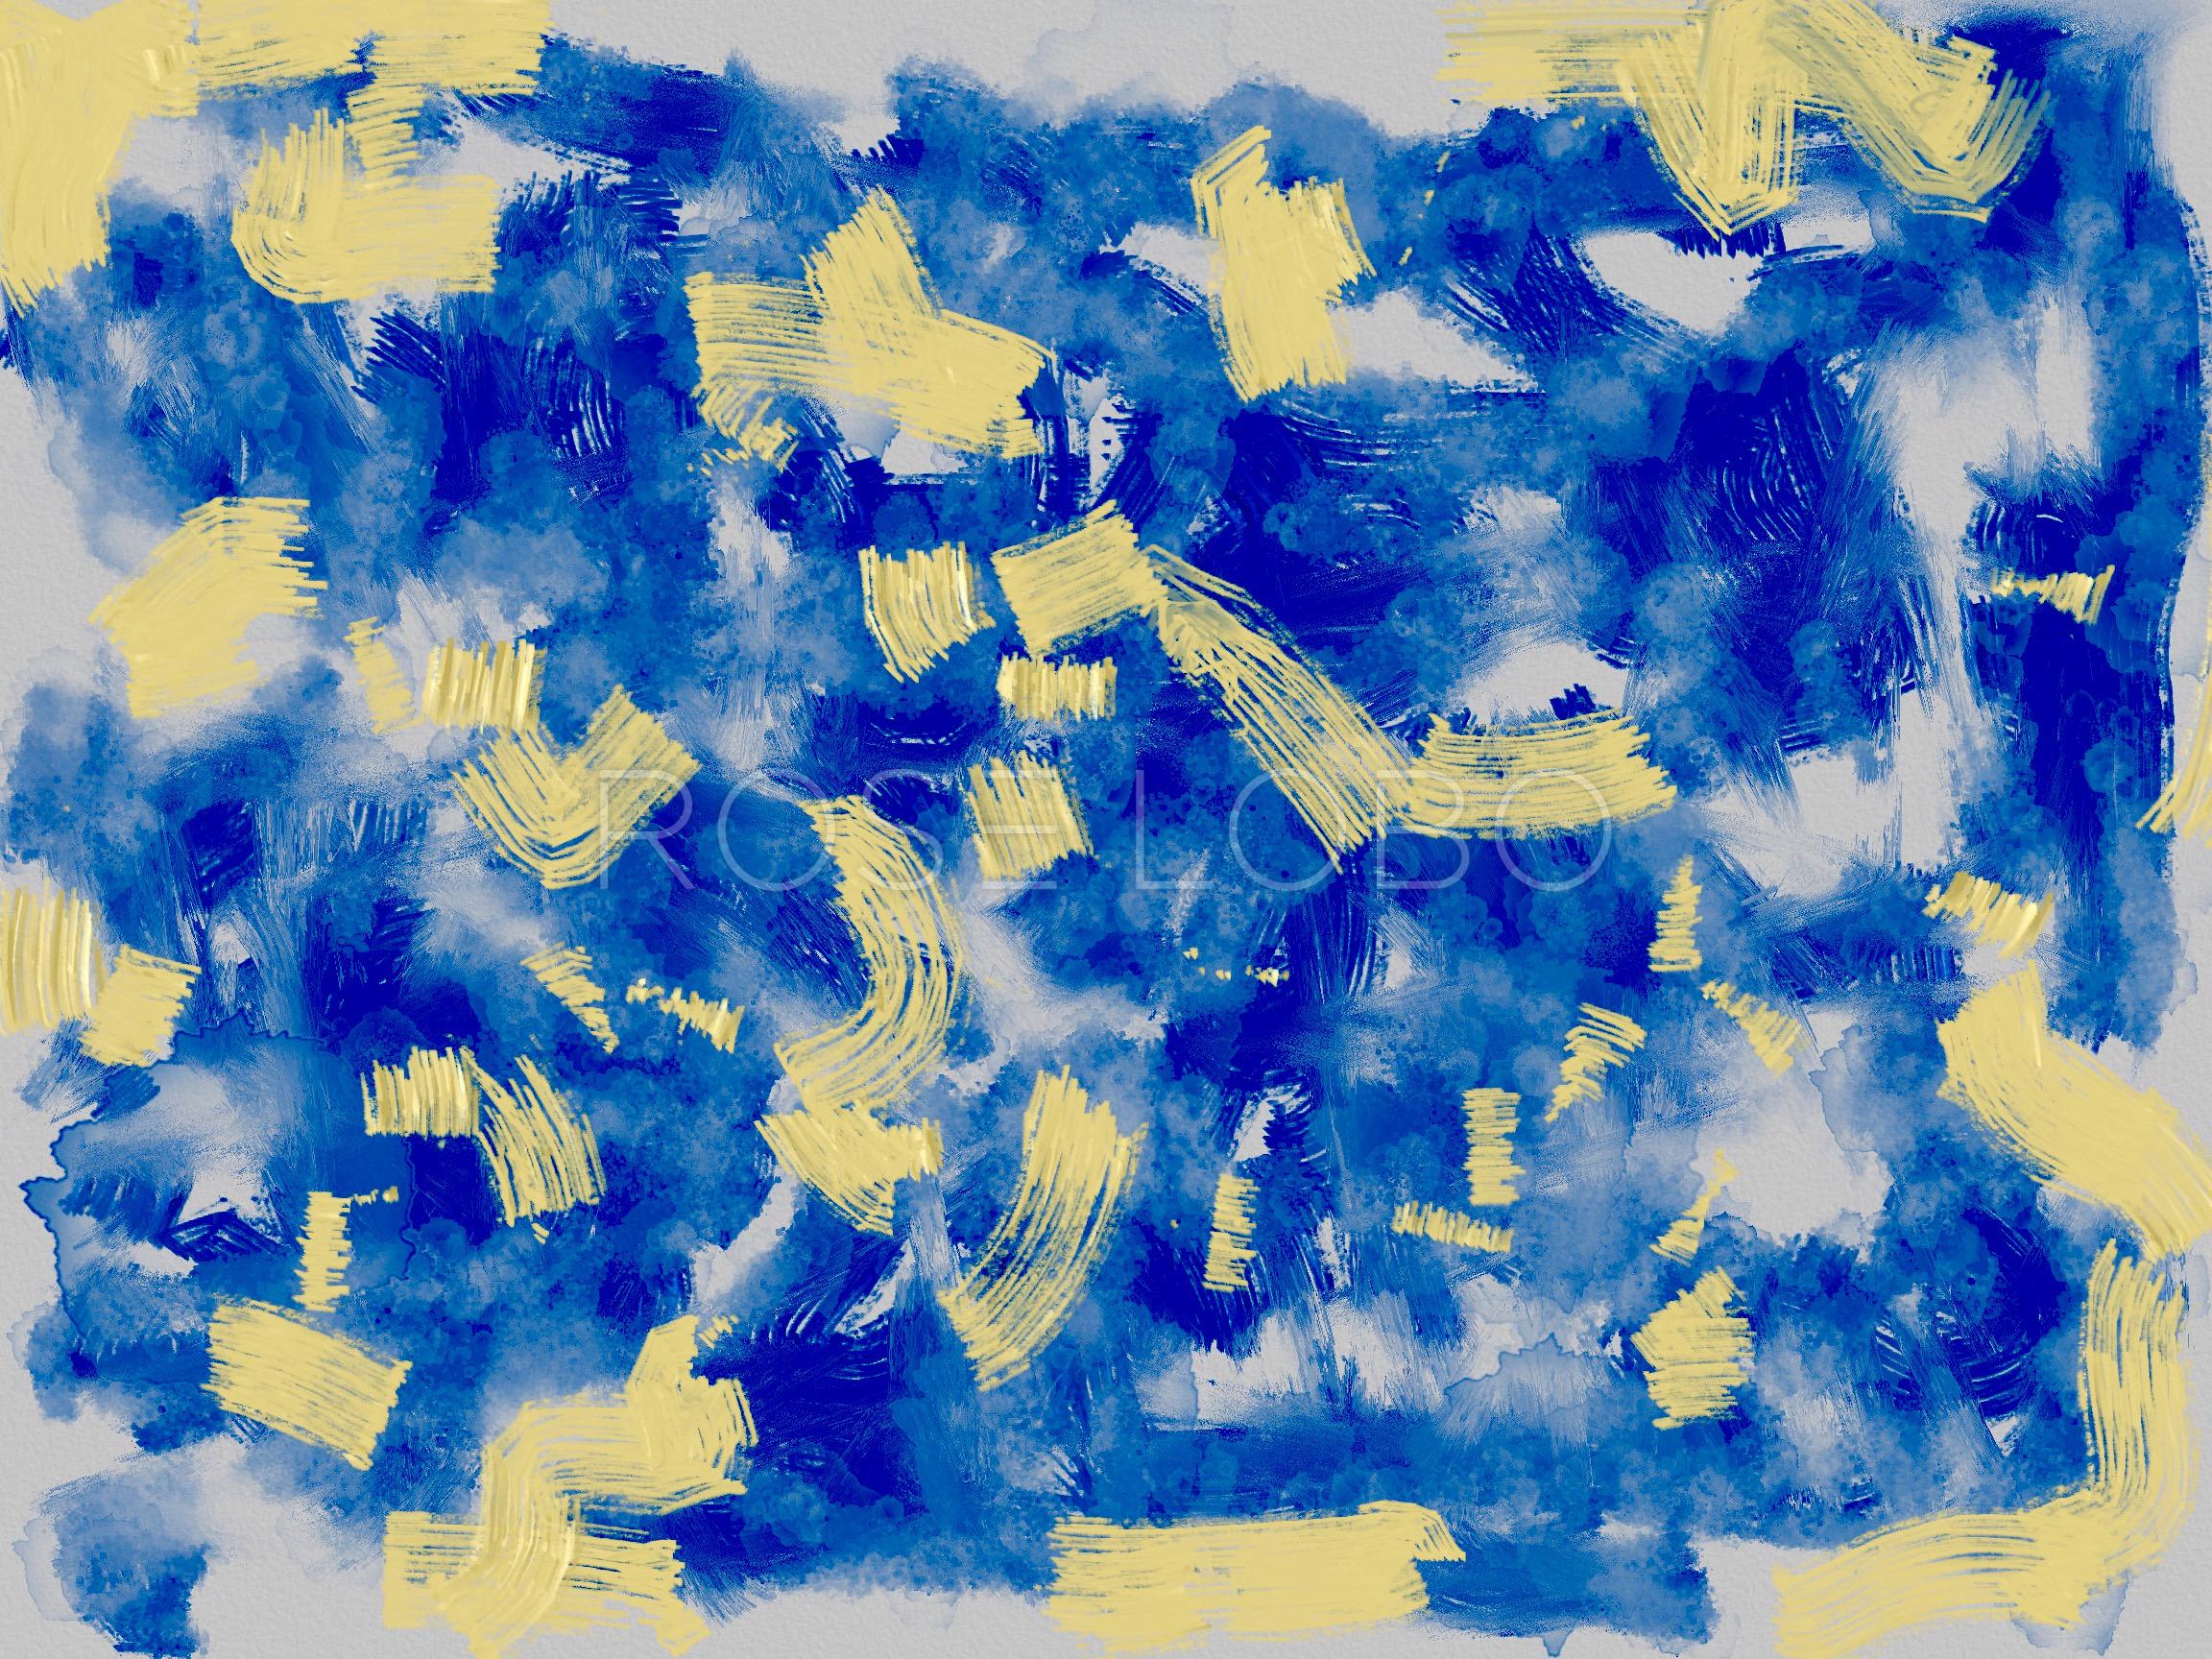 Blue Waters 1.jpg